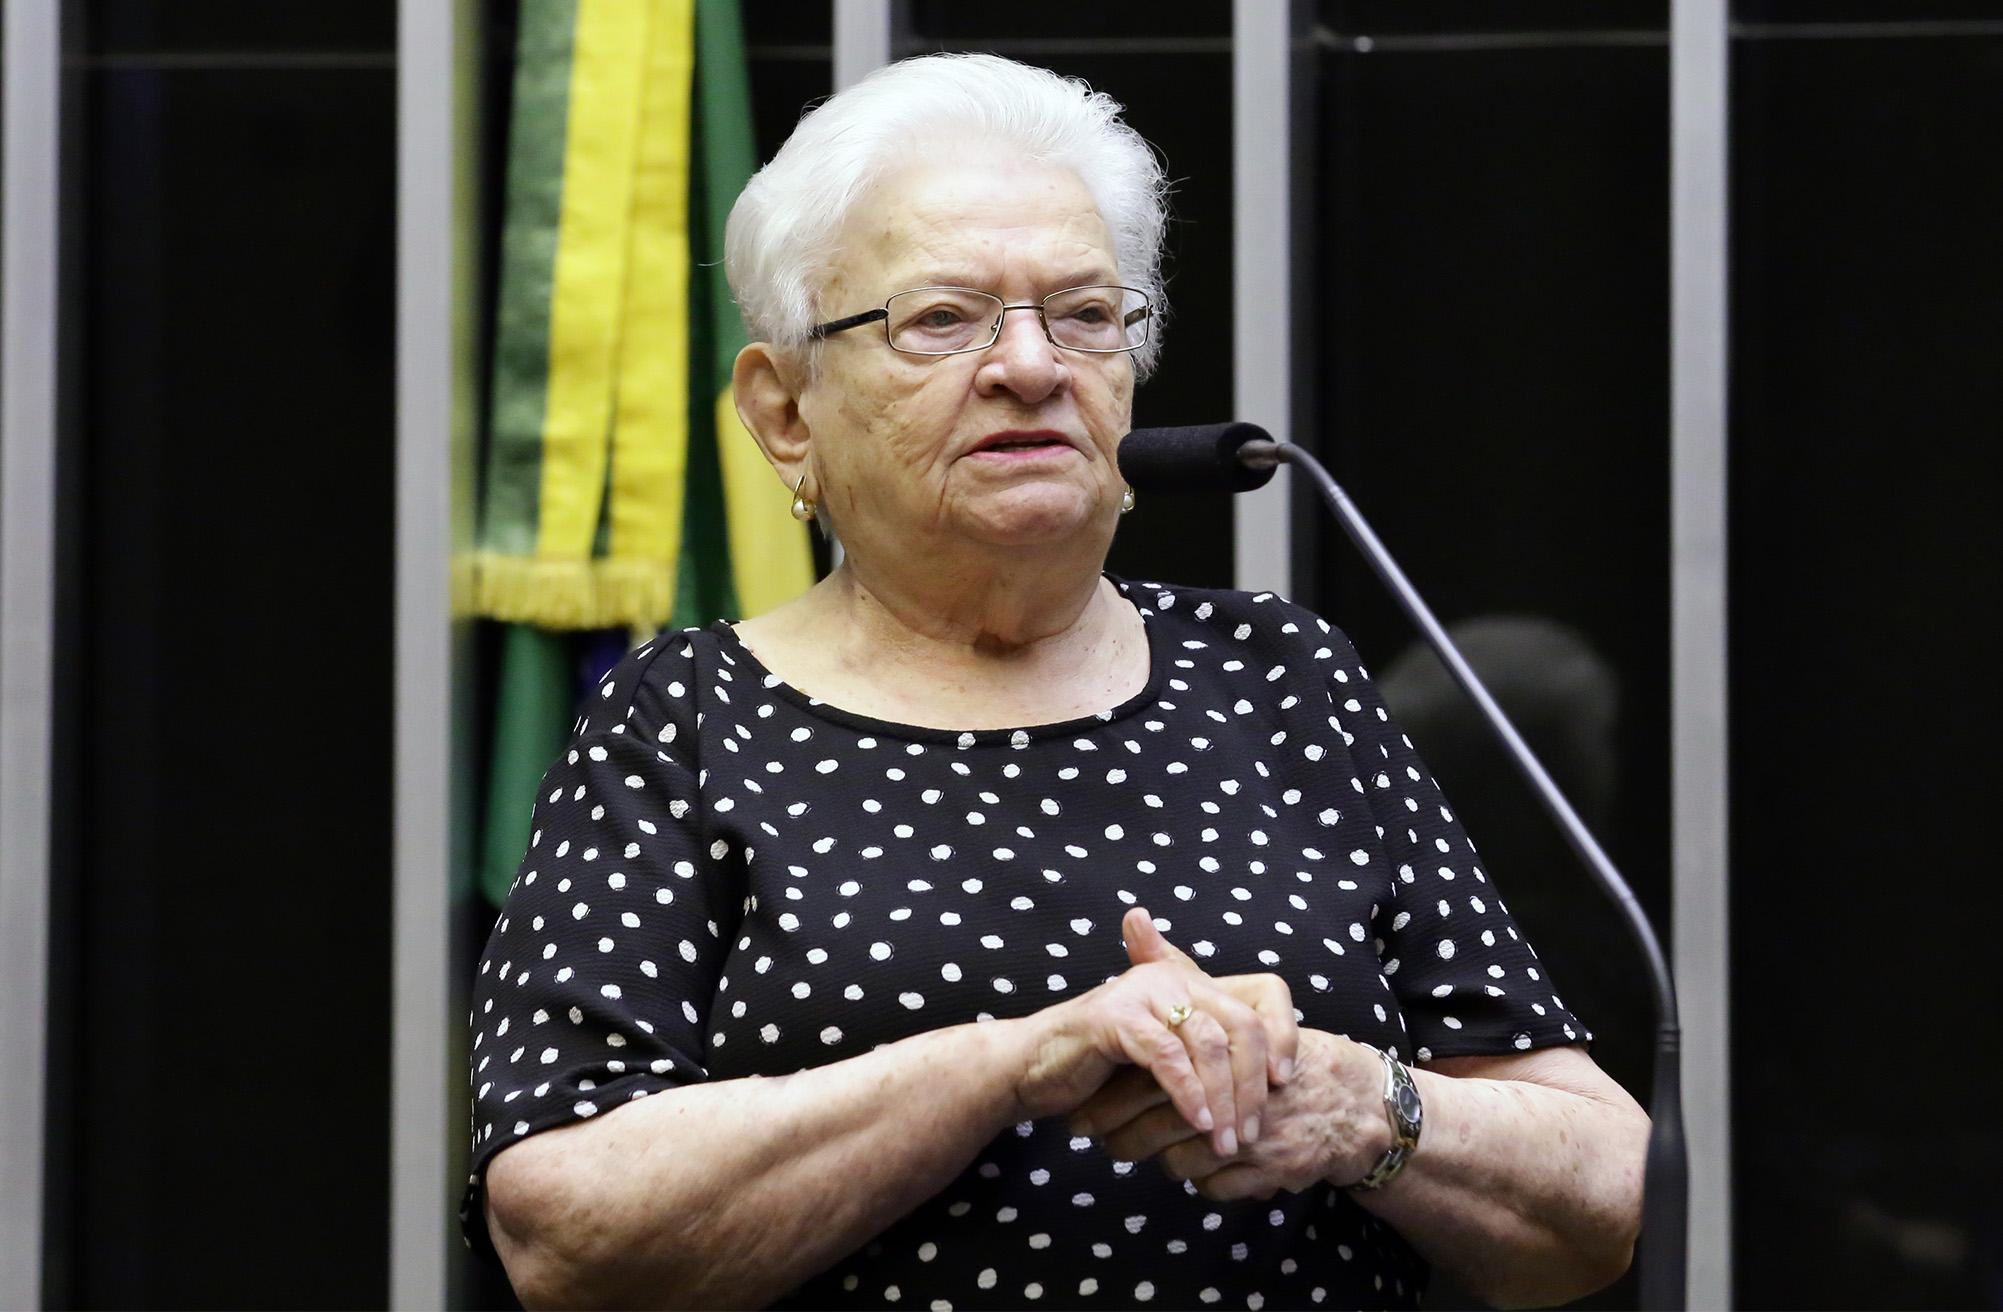 Homenagem aos Vinte Anos da TV Câmara. Dep. Luiza Erundina (PSOL - SP)